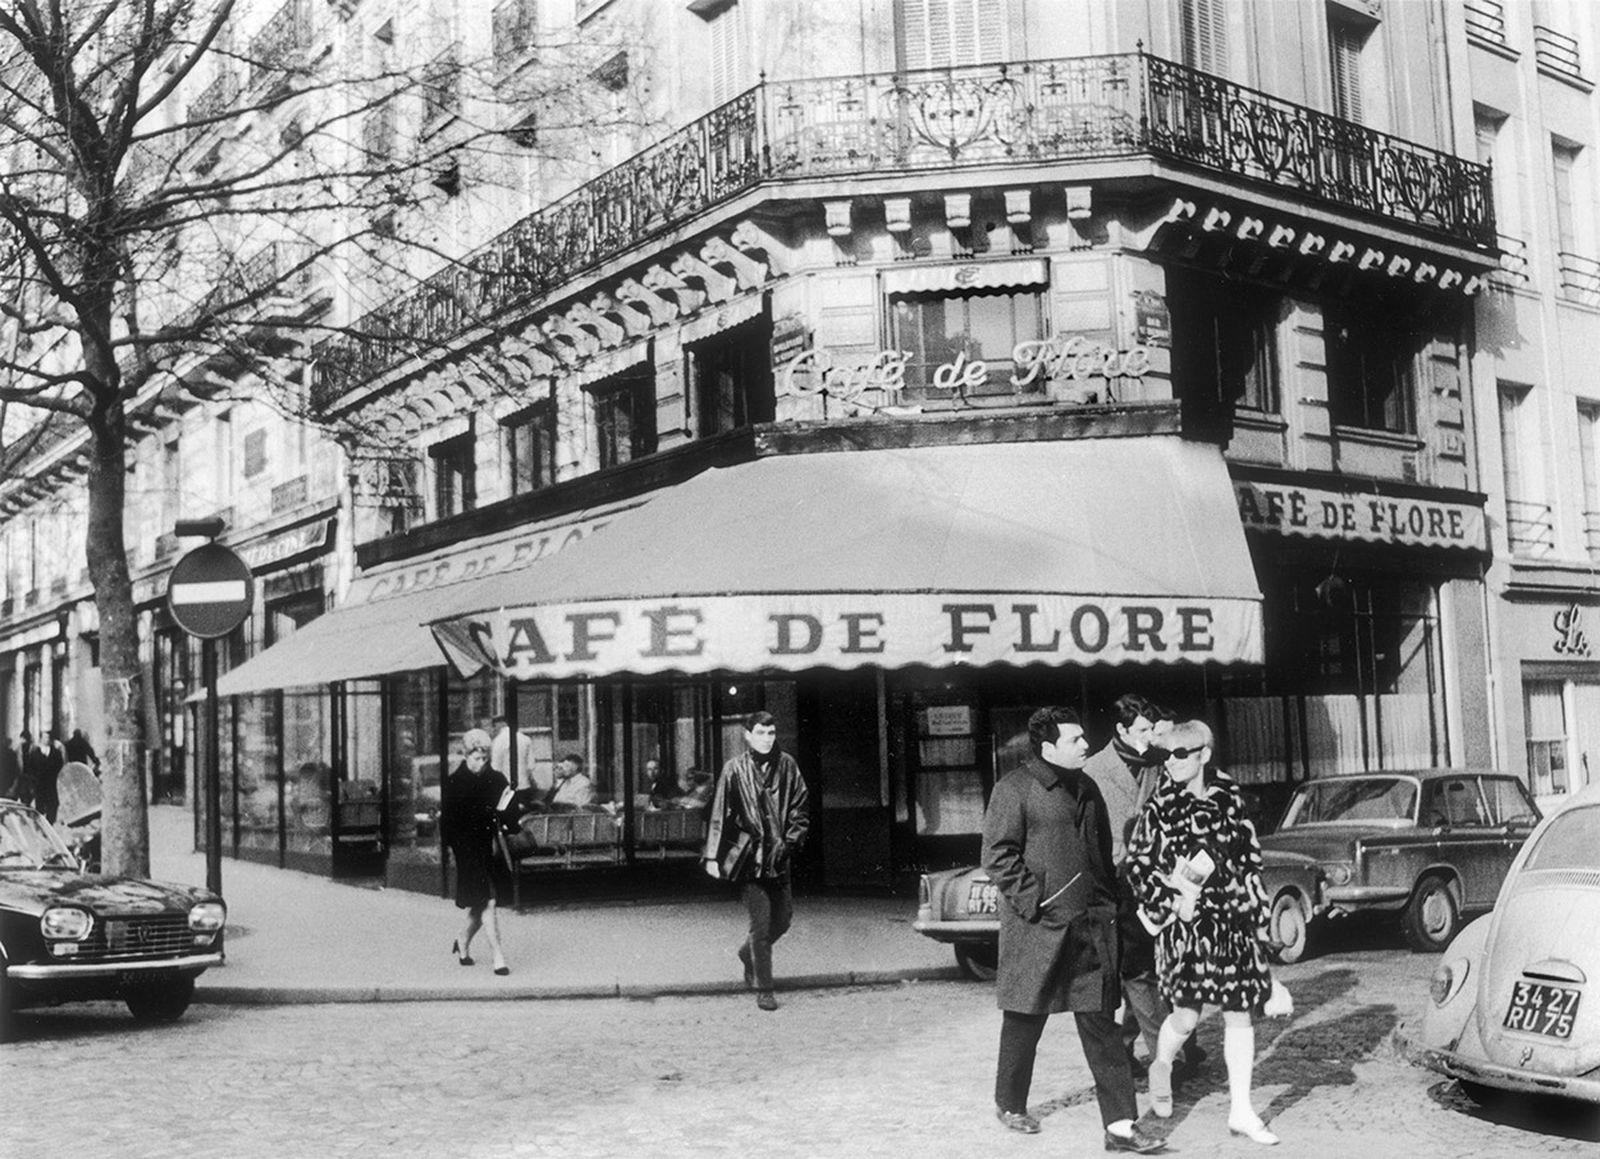 cafe-de-flore-fashion-week-not-in-paris-archive-01